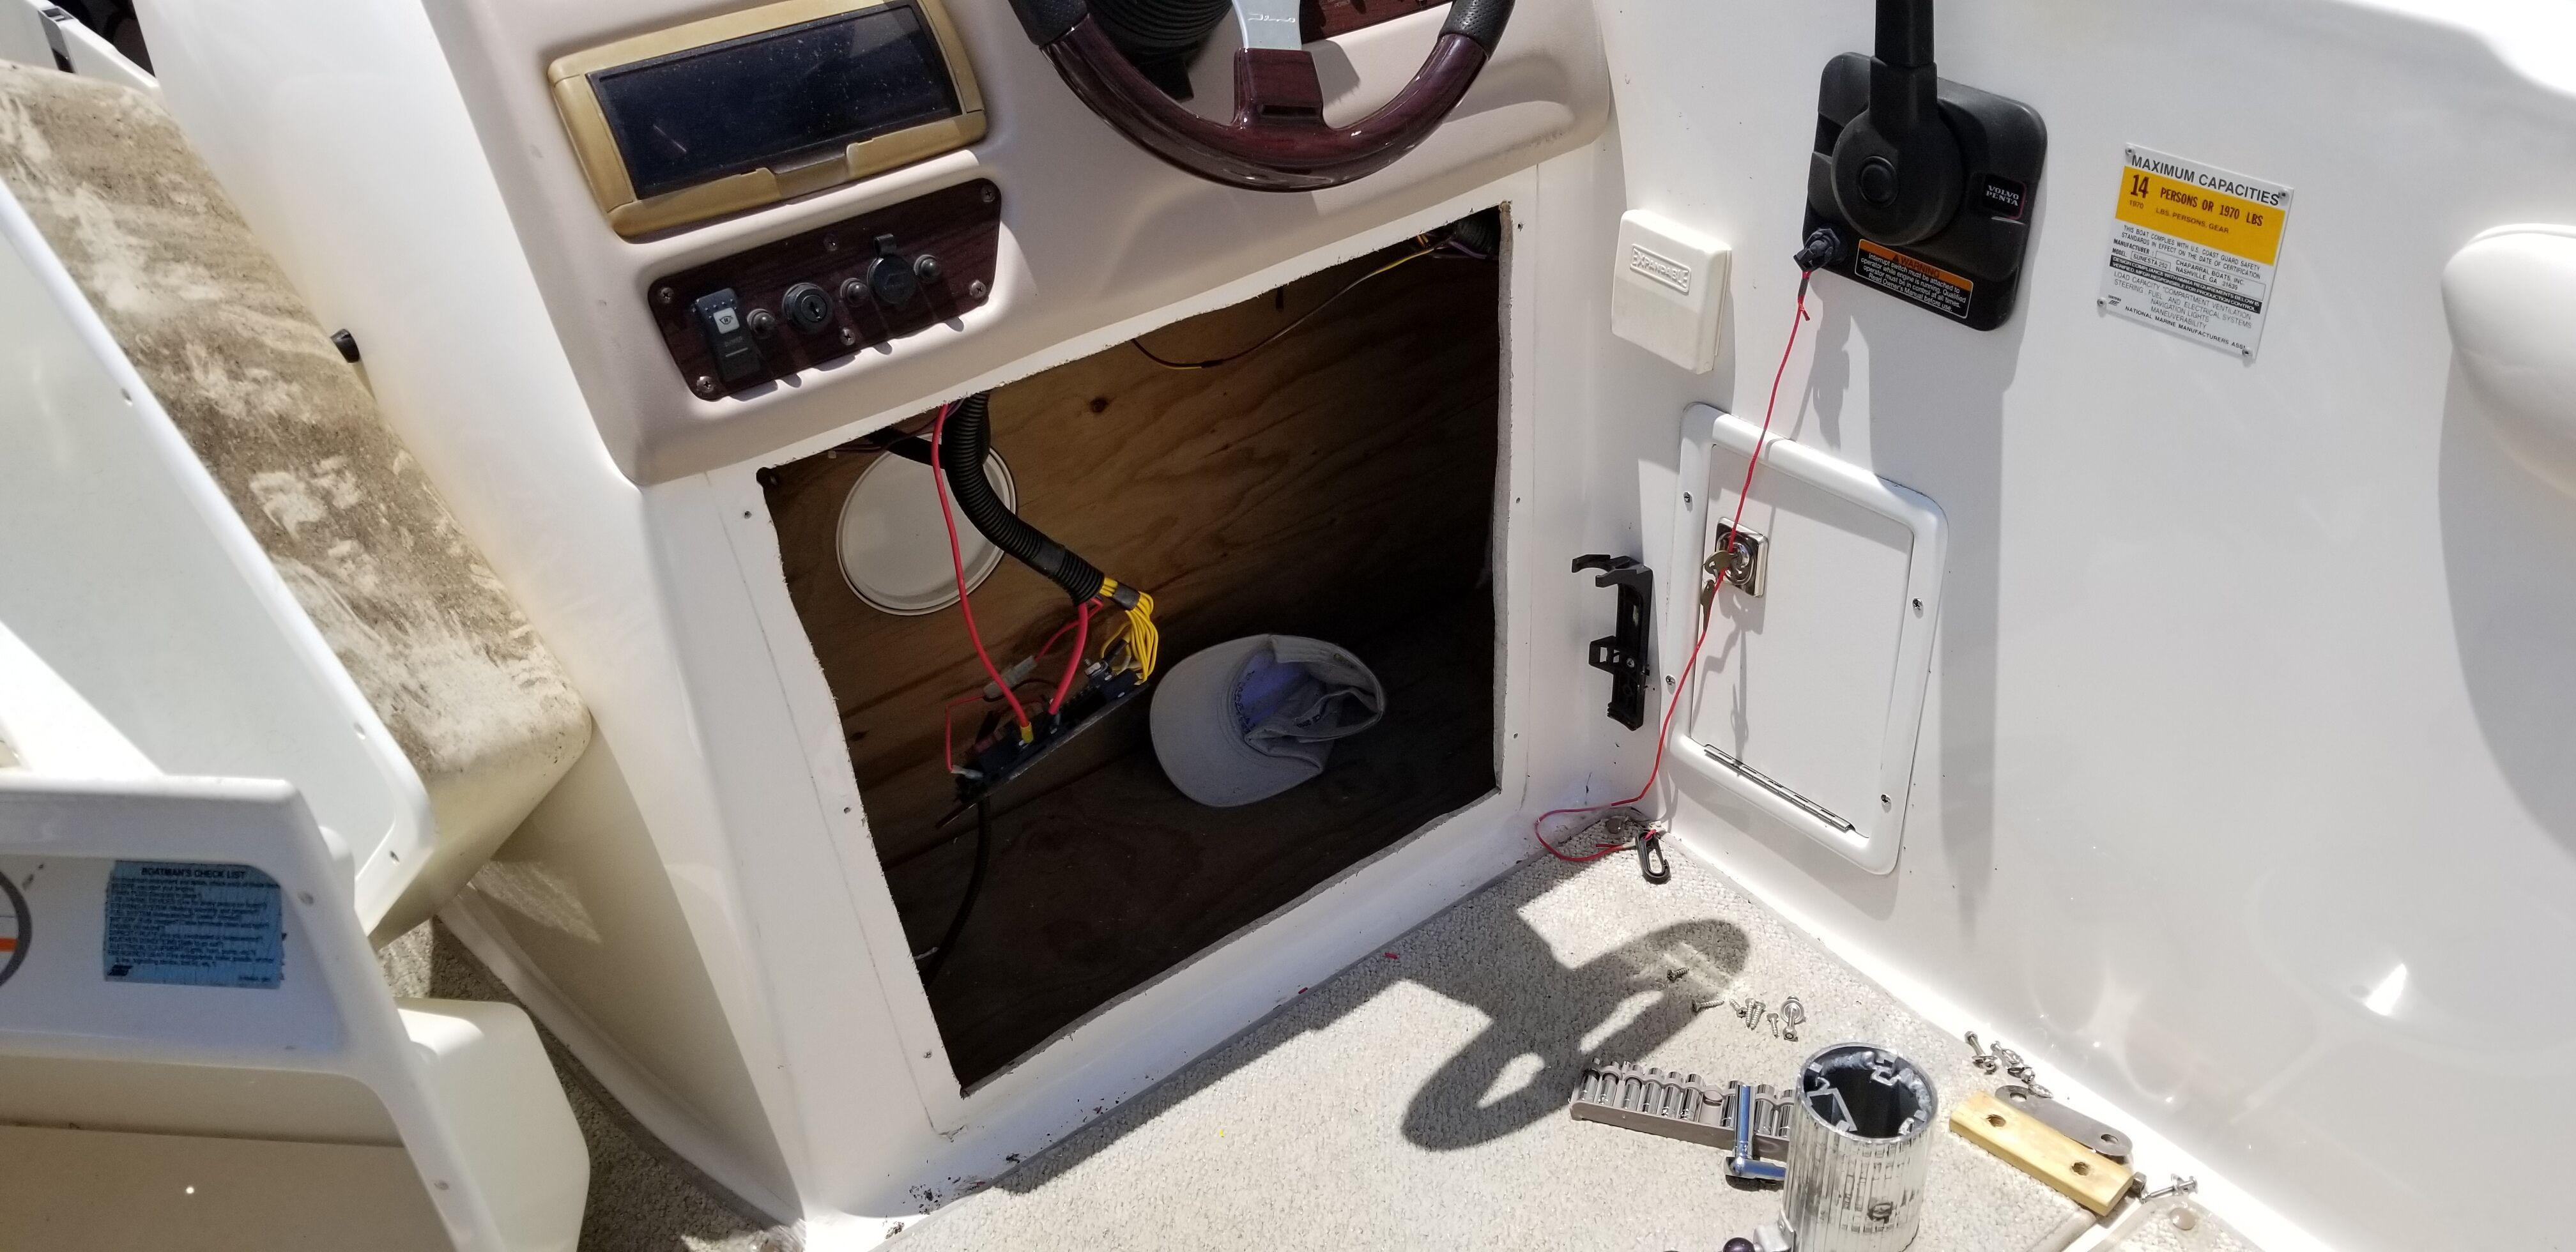 Marine Audio Wiring Impact Tint And